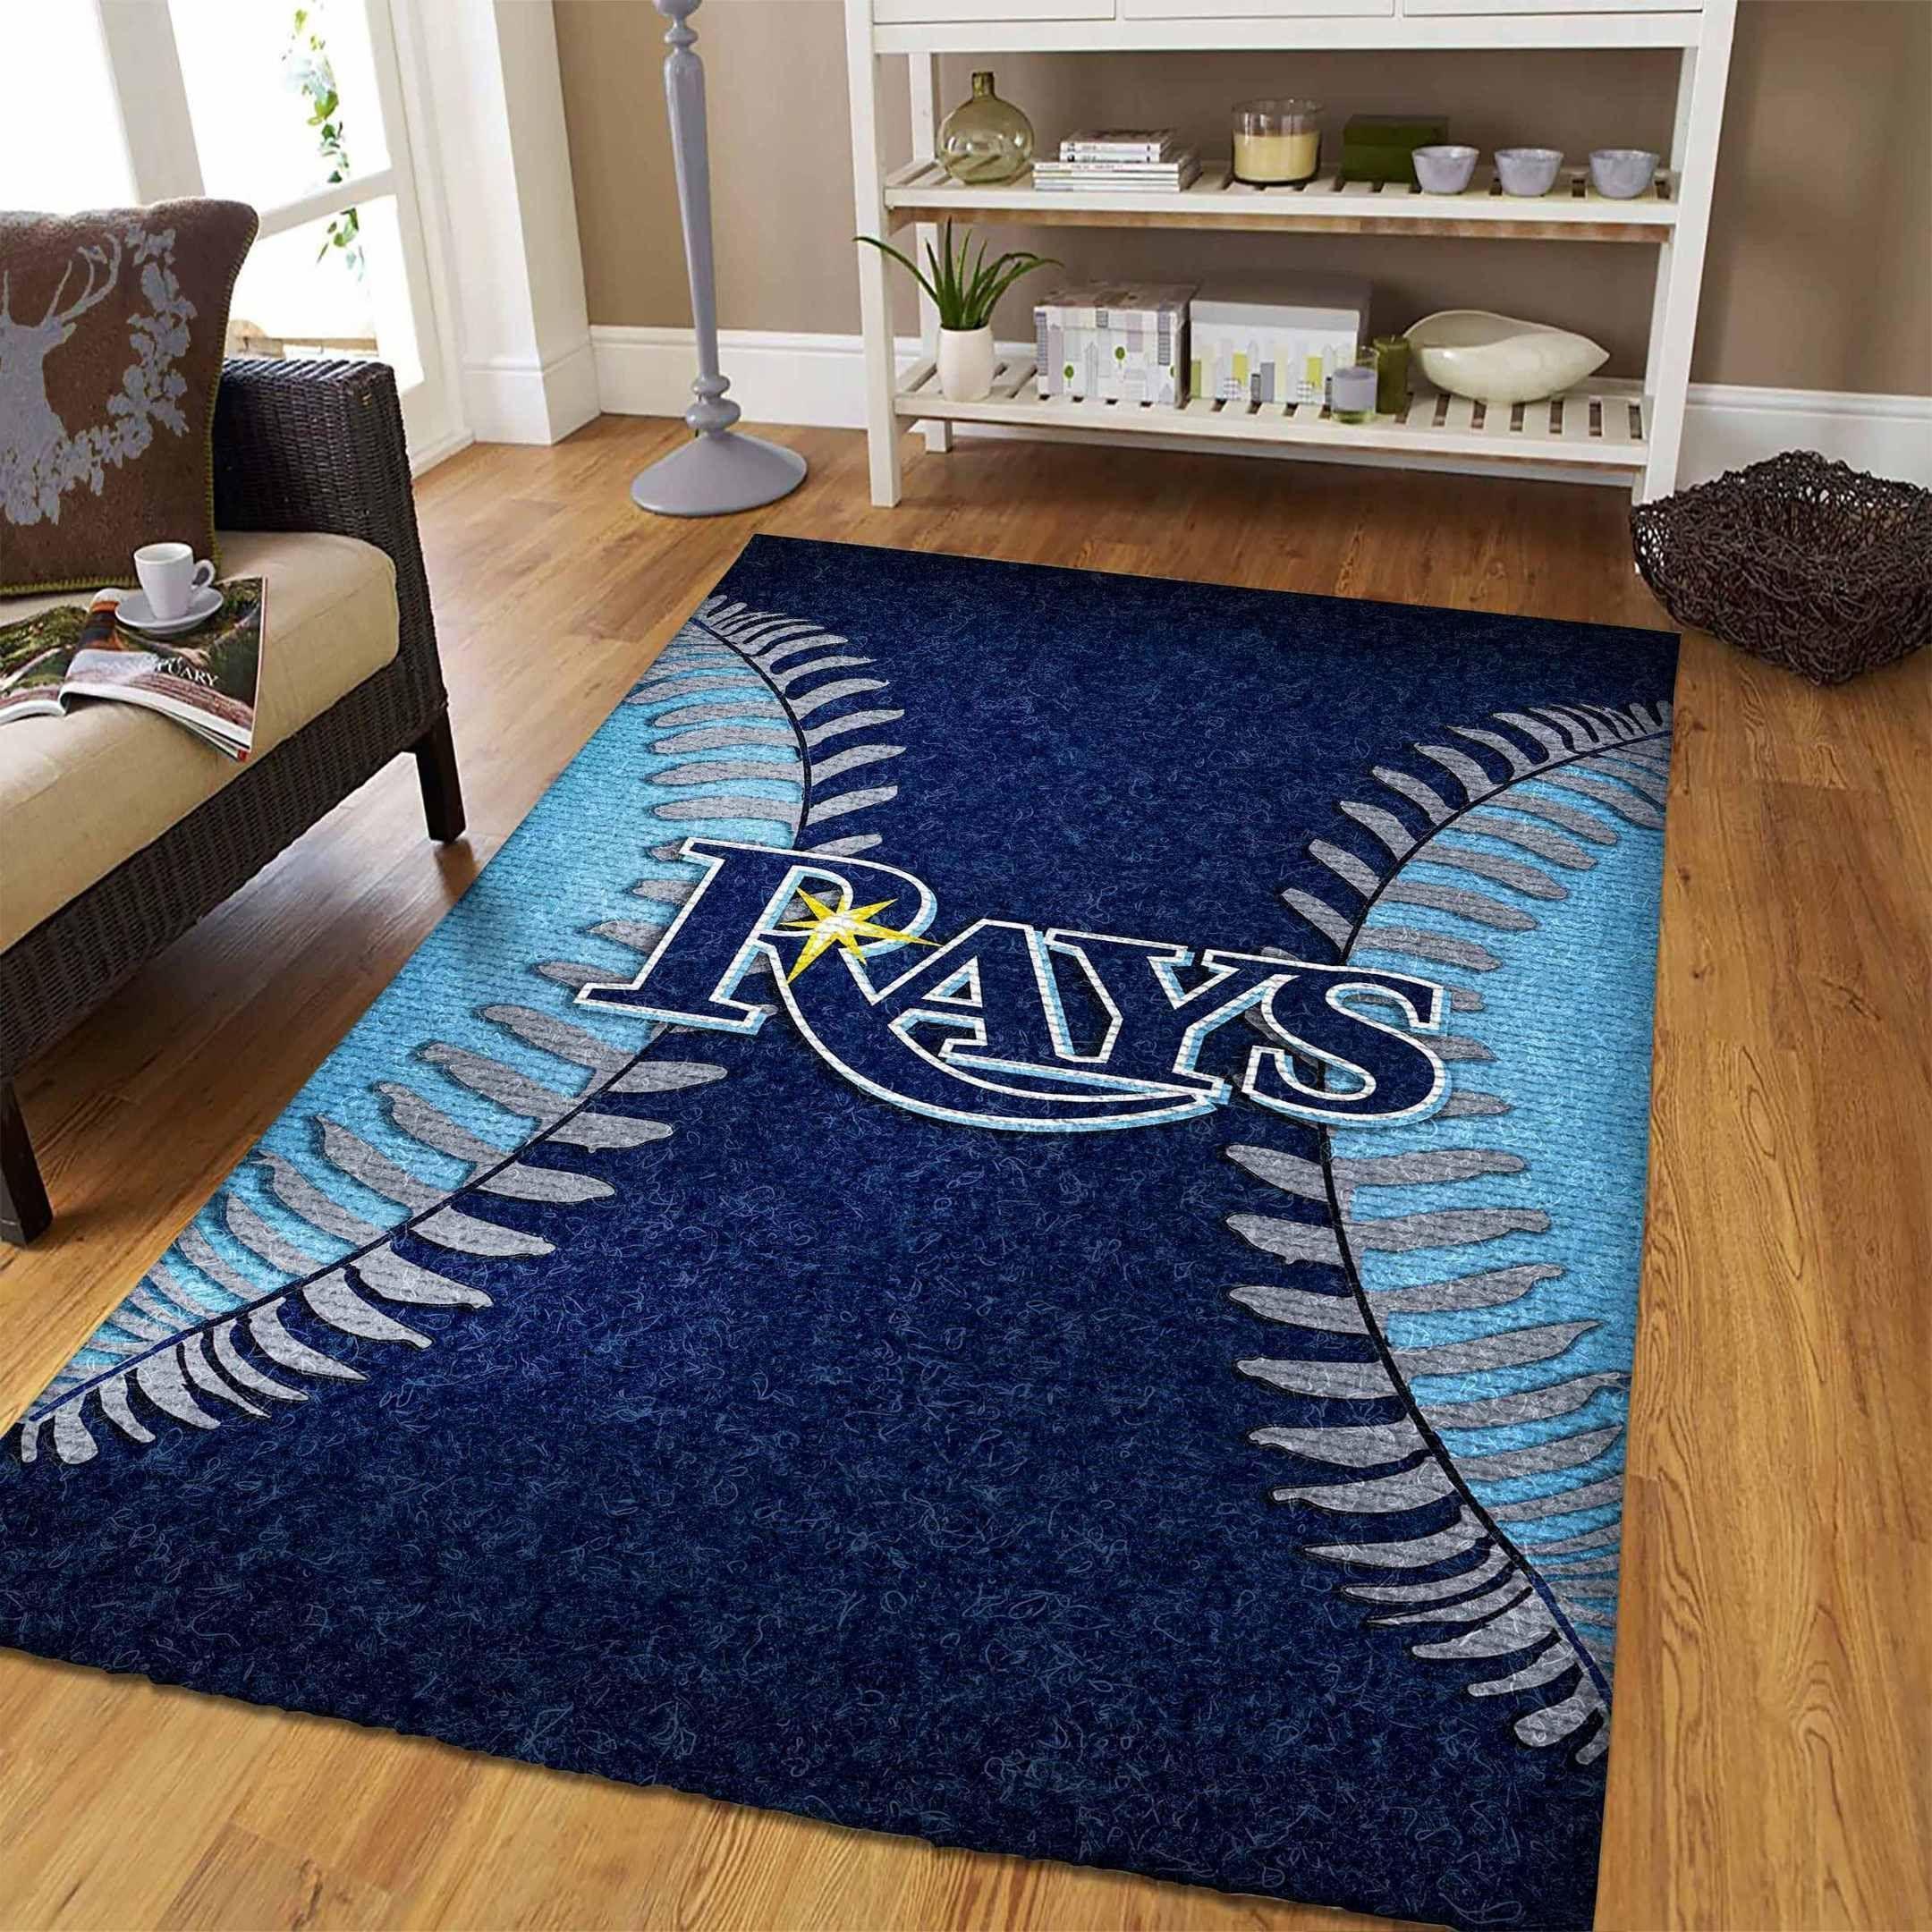 Amazon Tampa Bay Rays Living Room Area No5114 Rug